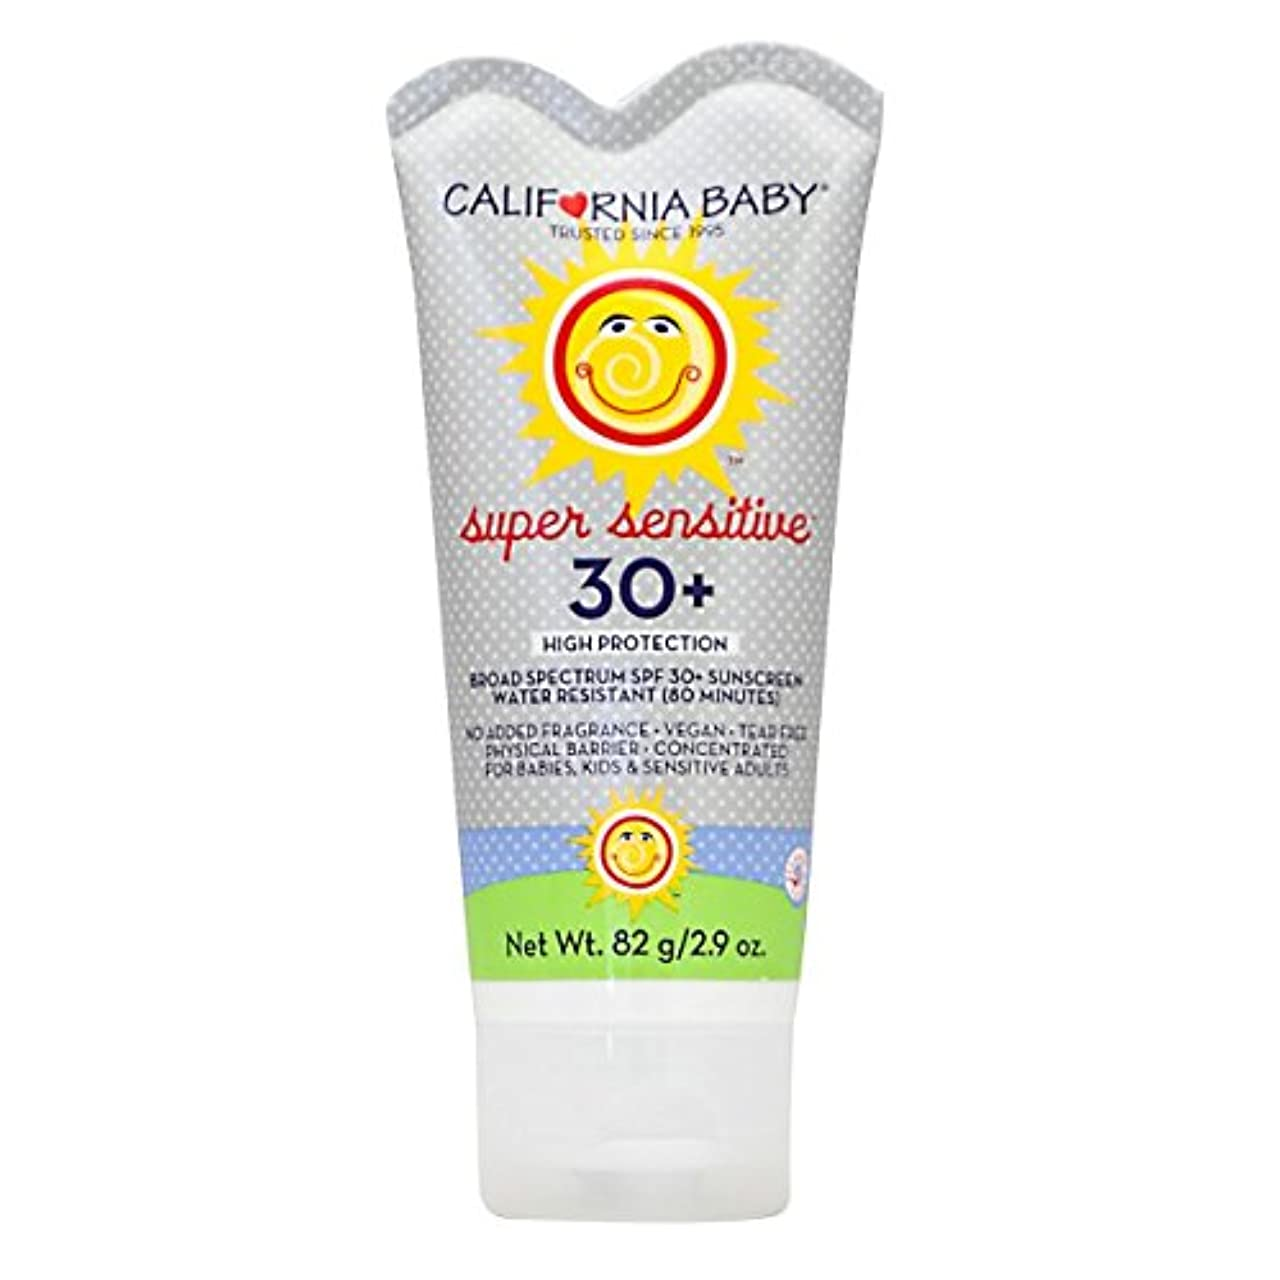 偽物ましい六分儀カリフォルニアベビー日焼け止めクリームSPF30 超敏感肌用82g